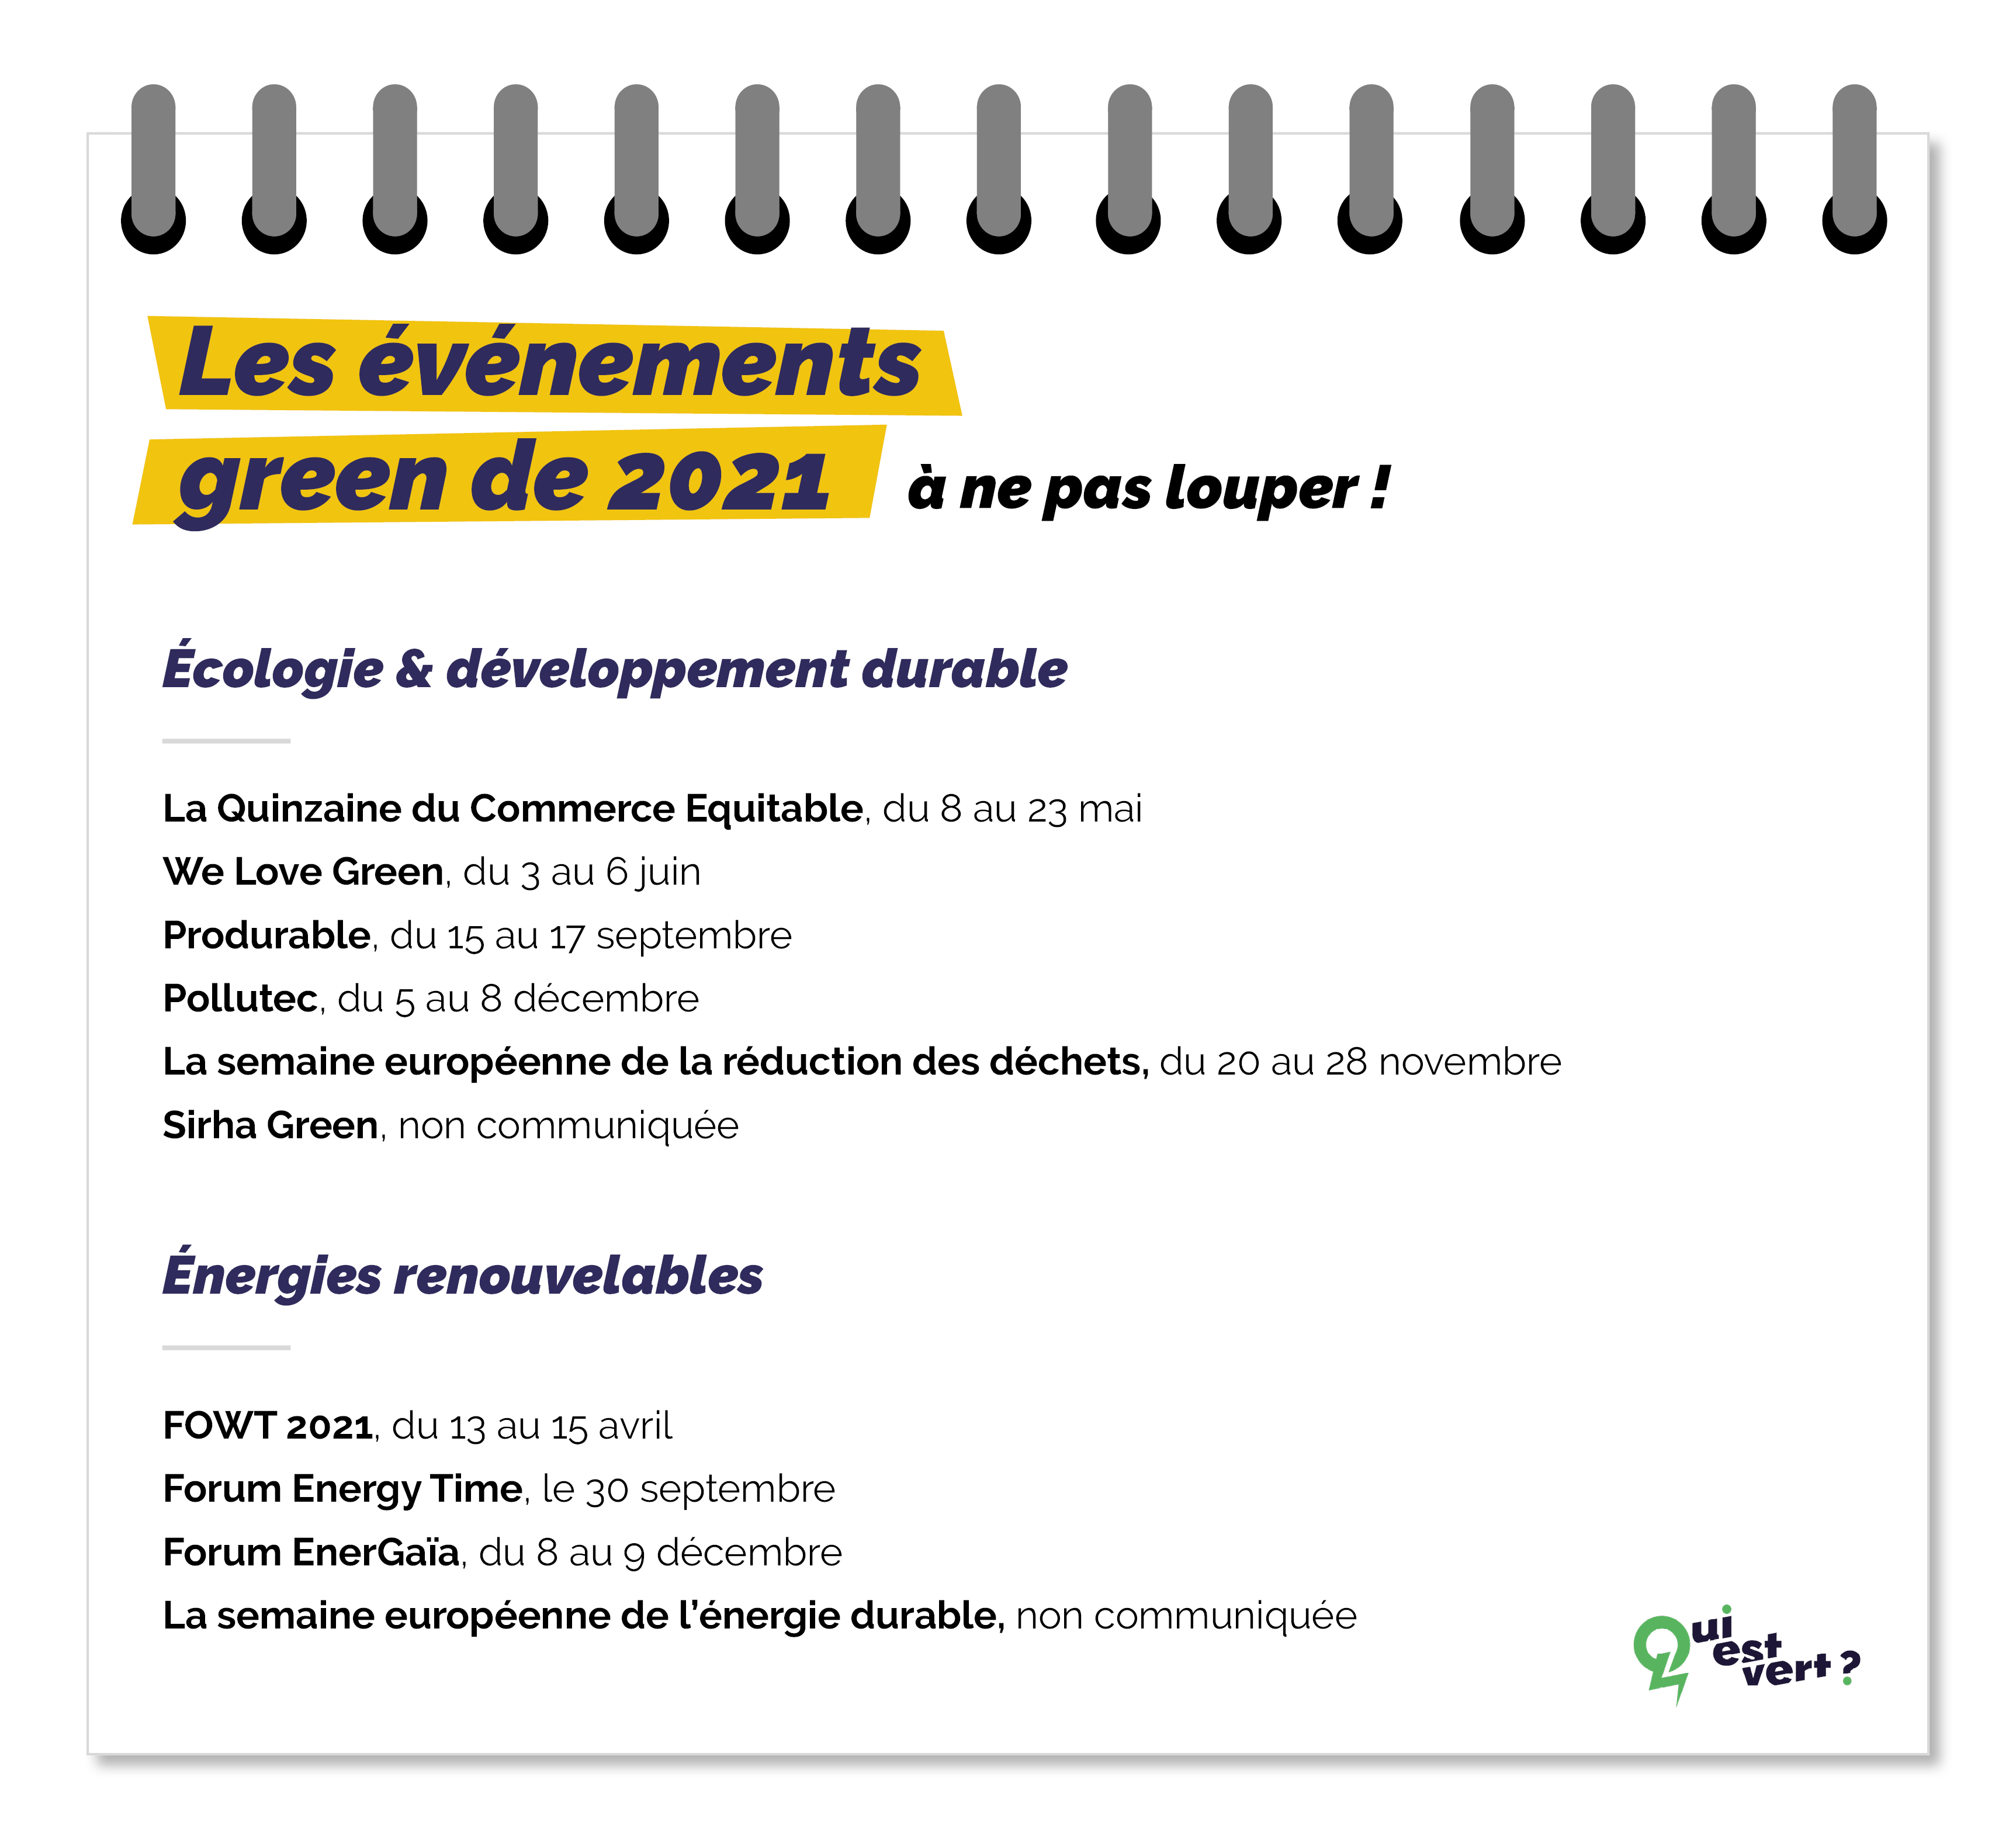 agenda 2021 des events green et énergies renouvelables